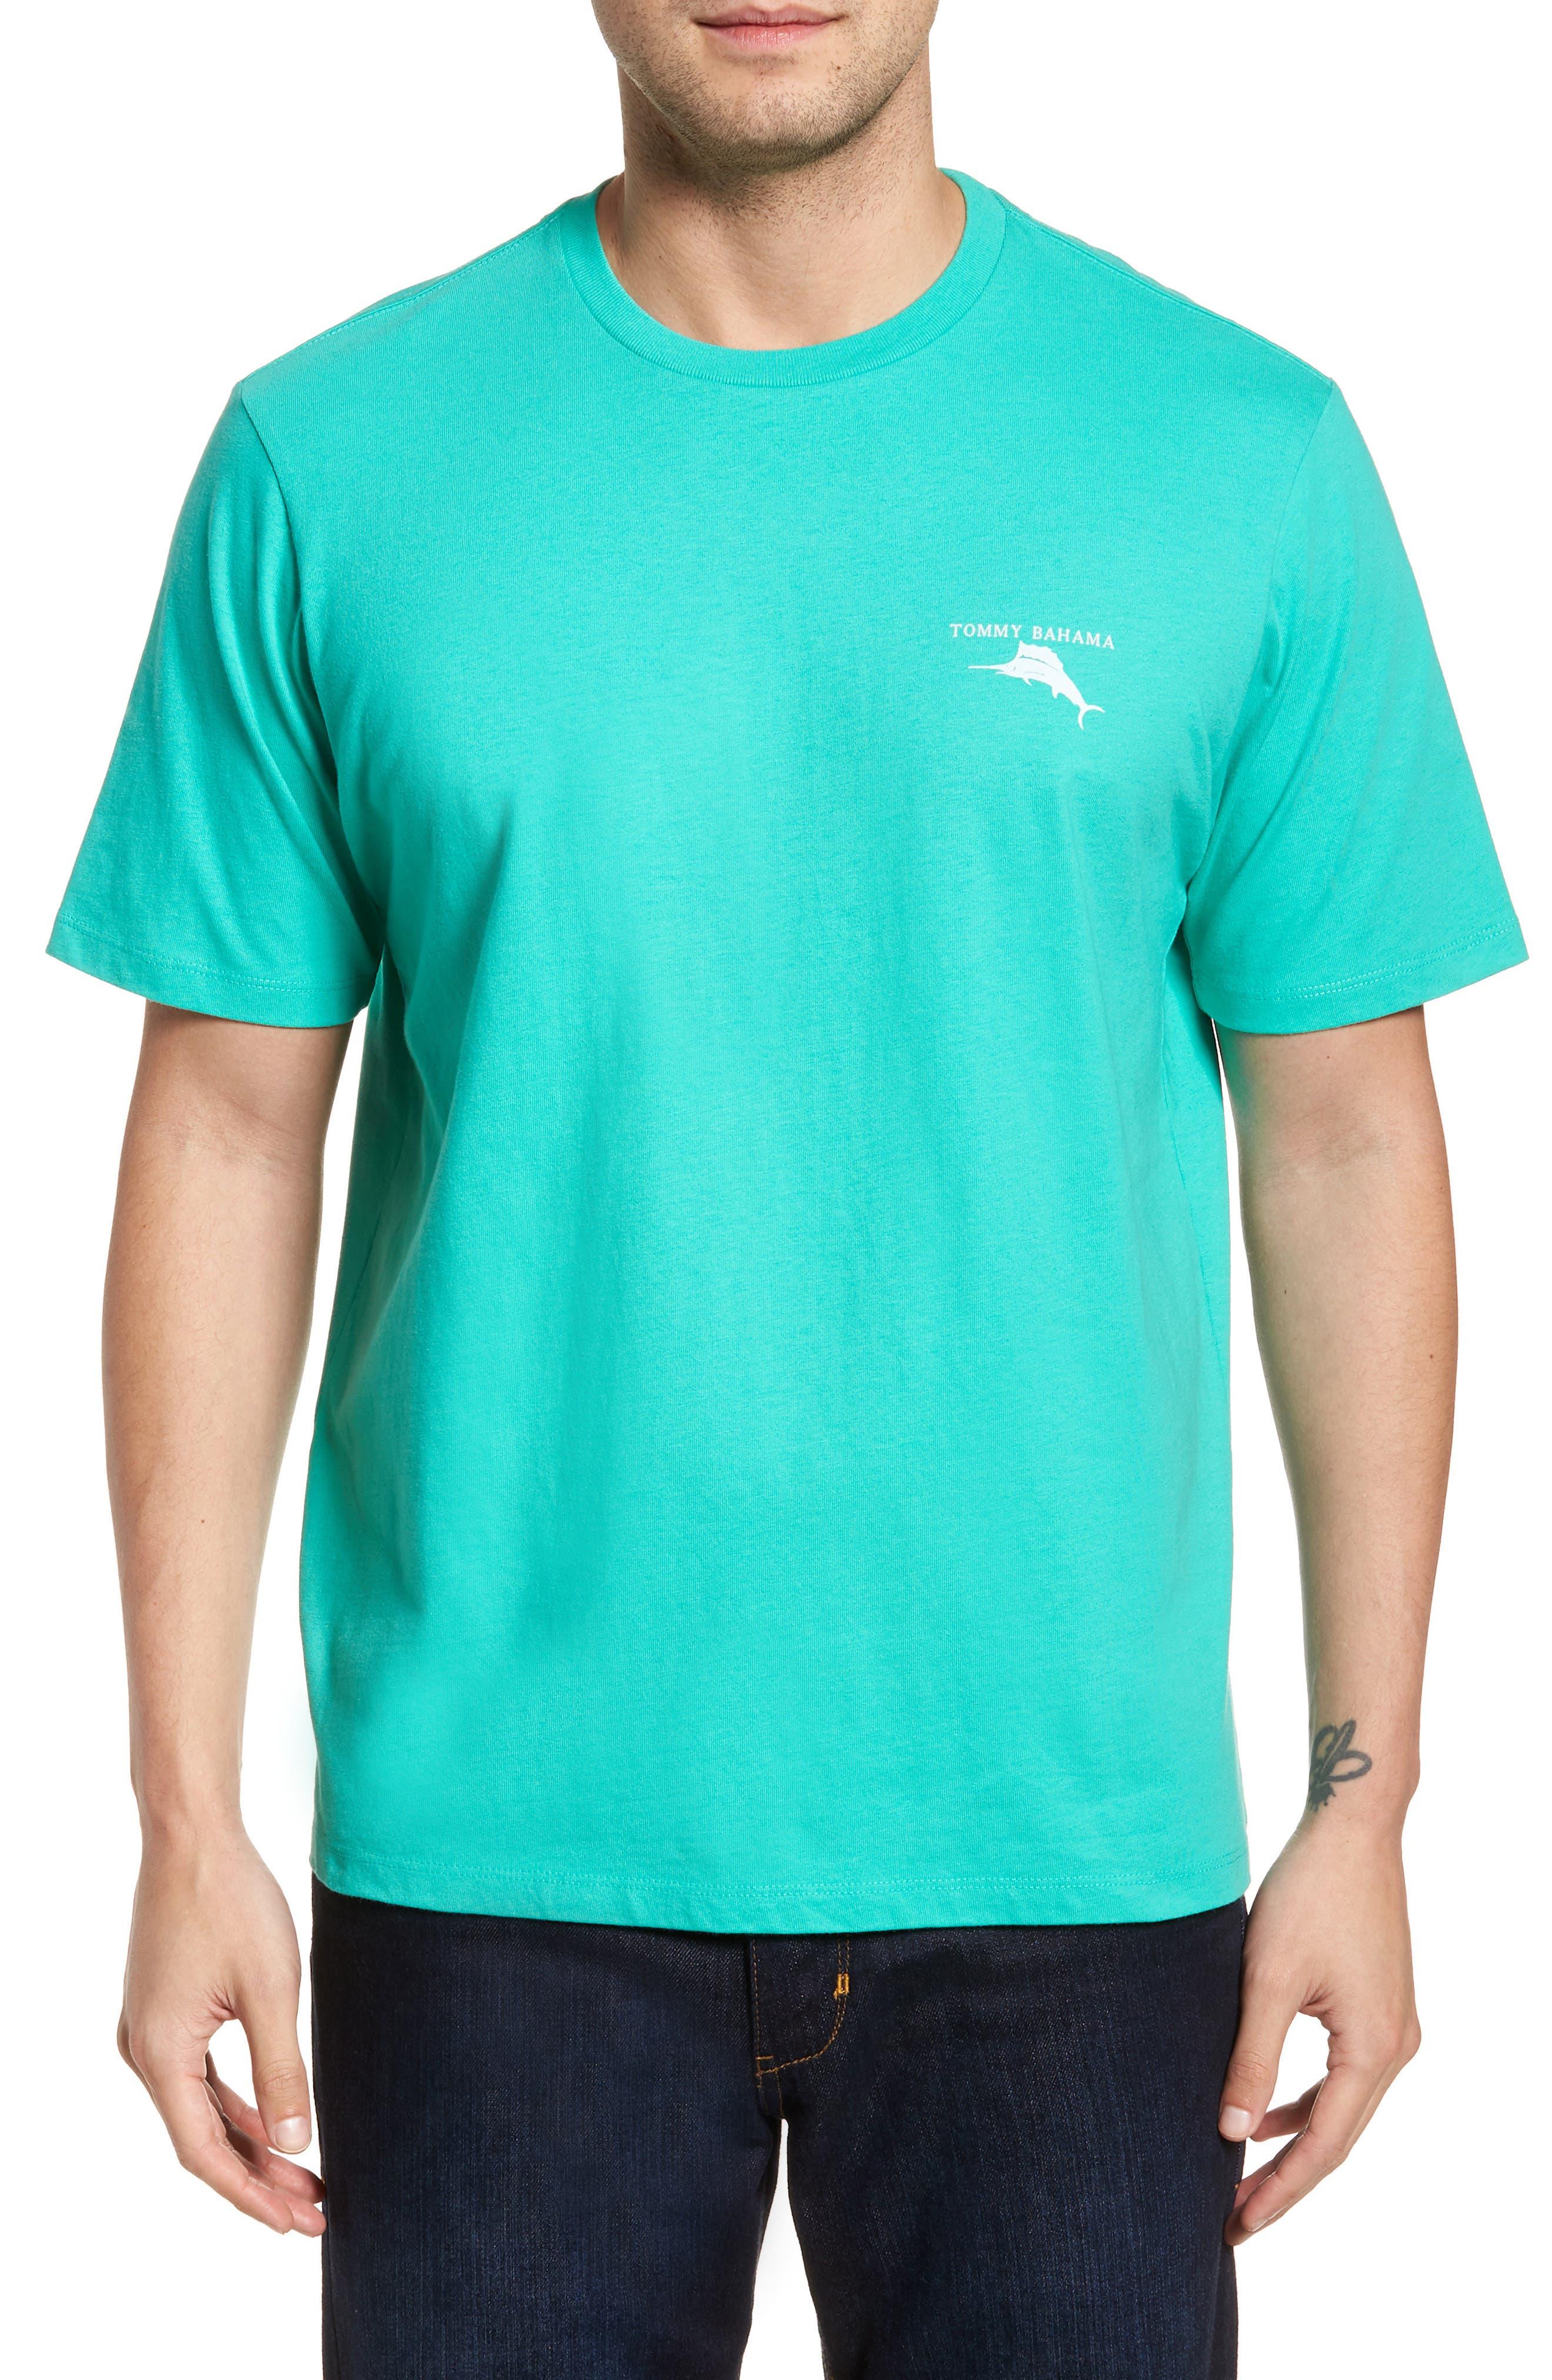 Keys to Happiness T-Shirt,                             Main thumbnail 1, color,                             300